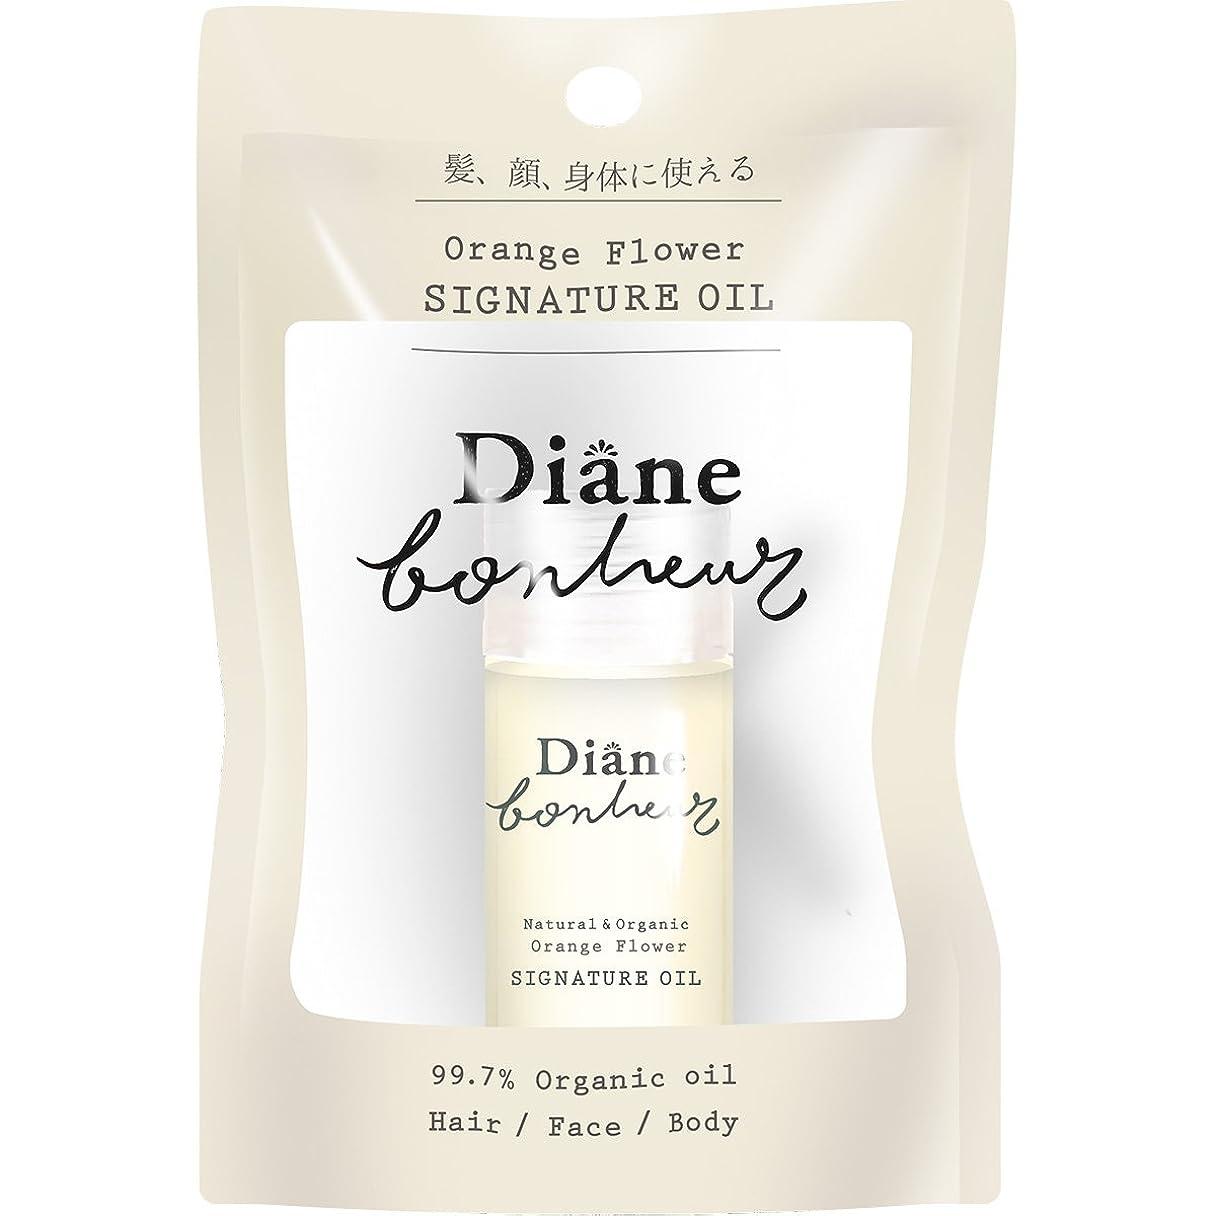 ラメ微妙過去ダイアン ボヌール シグネチャー オイル (ヘア&ボディ) オレンジフラワーの香り 18ml